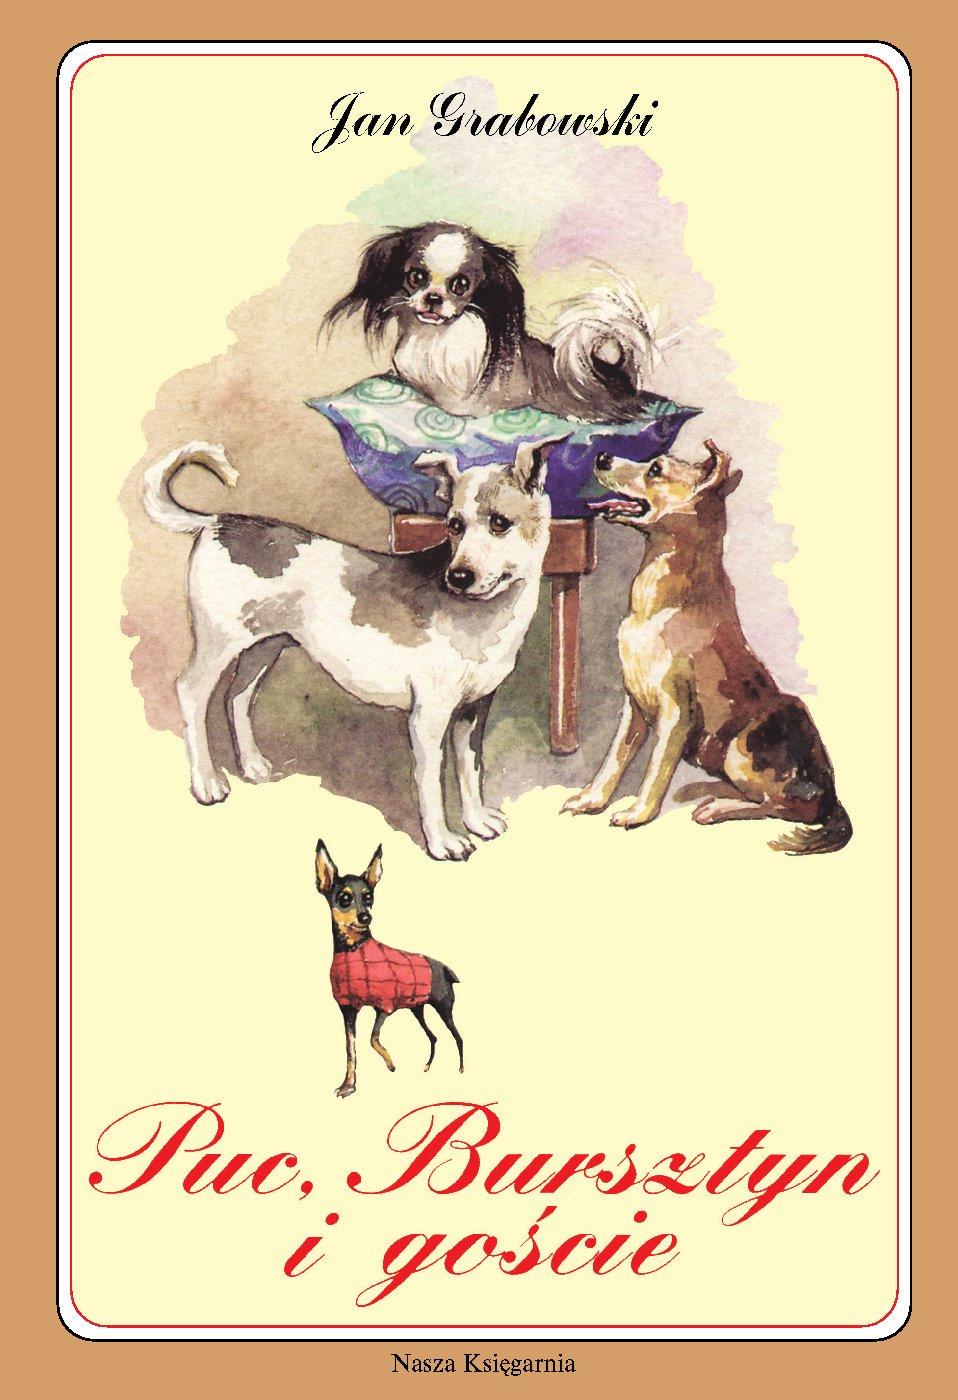 Puc, bursztyn i goście - Ebook (Książka PDF) do pobrania w formacie PDF